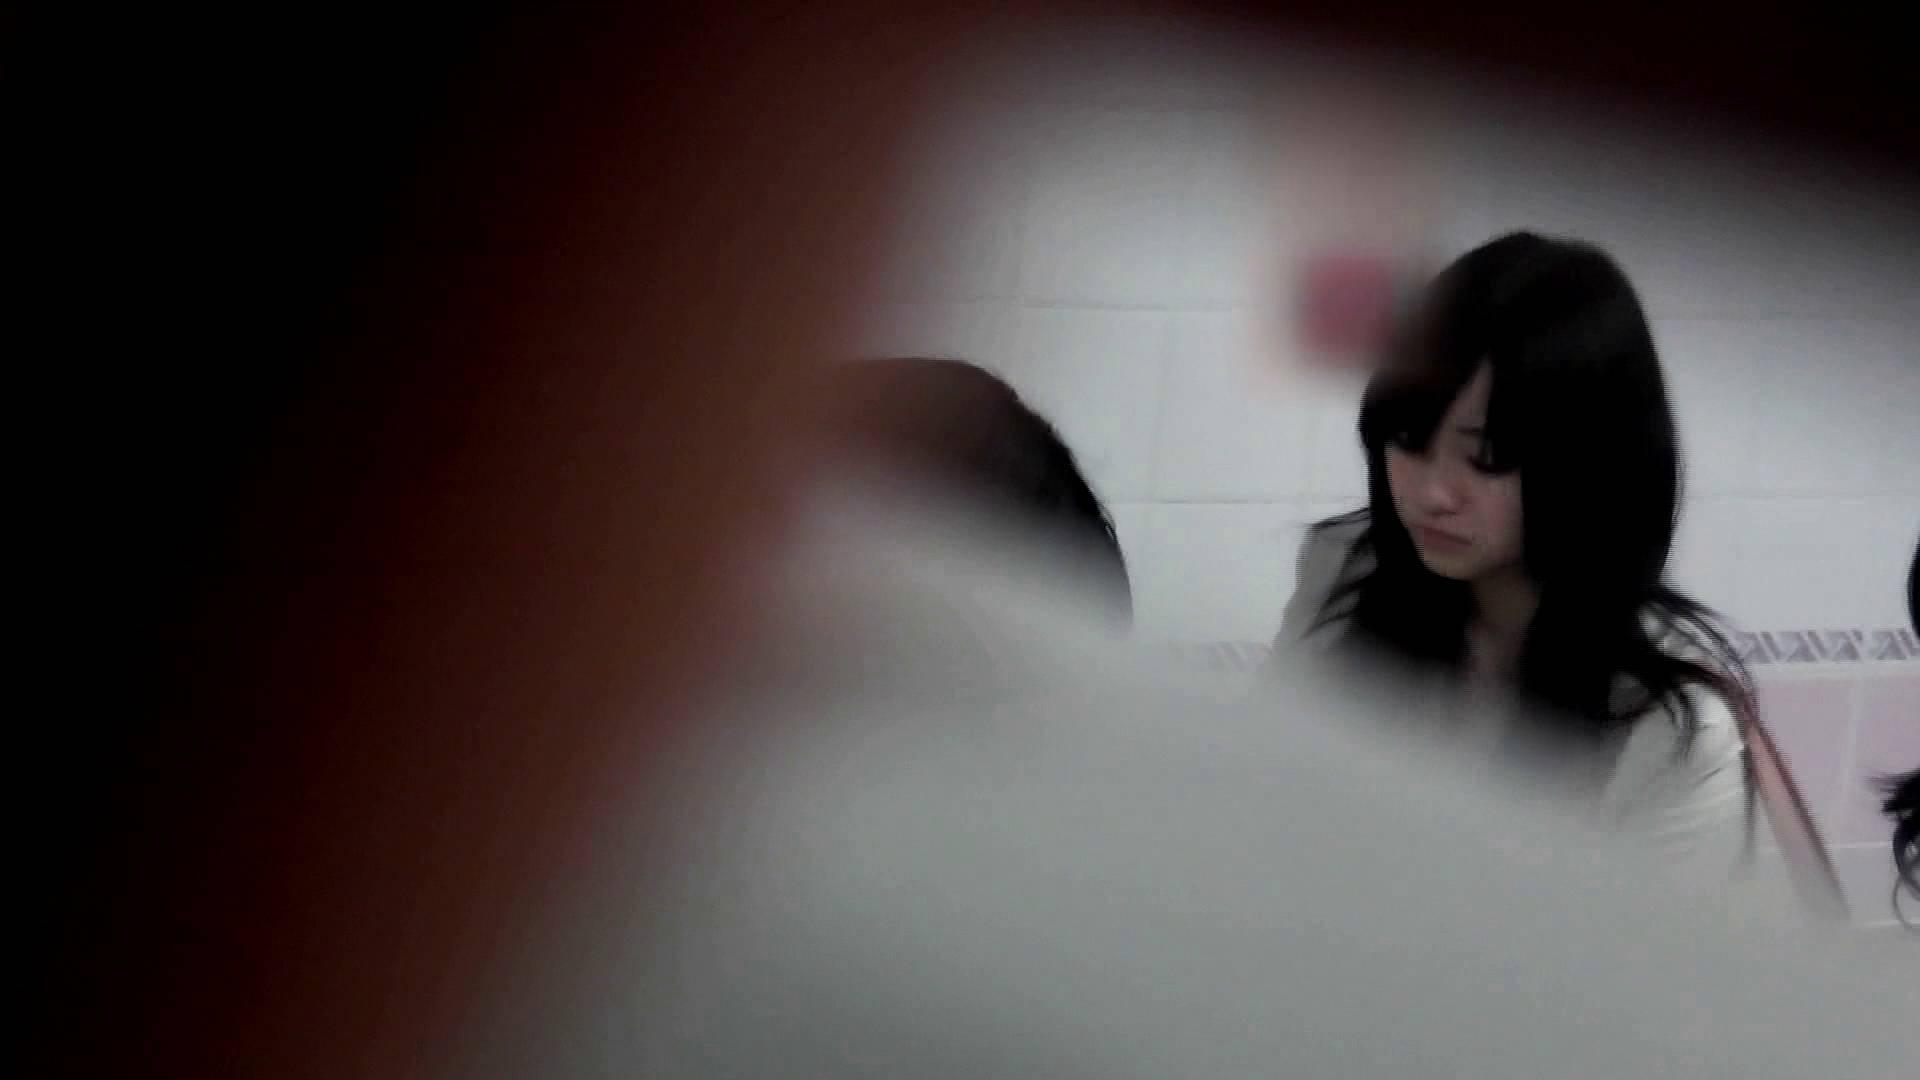 美しい日本の未来 特別版 軌跡2 盗撮 AV動画キャプチャ 40pic 5